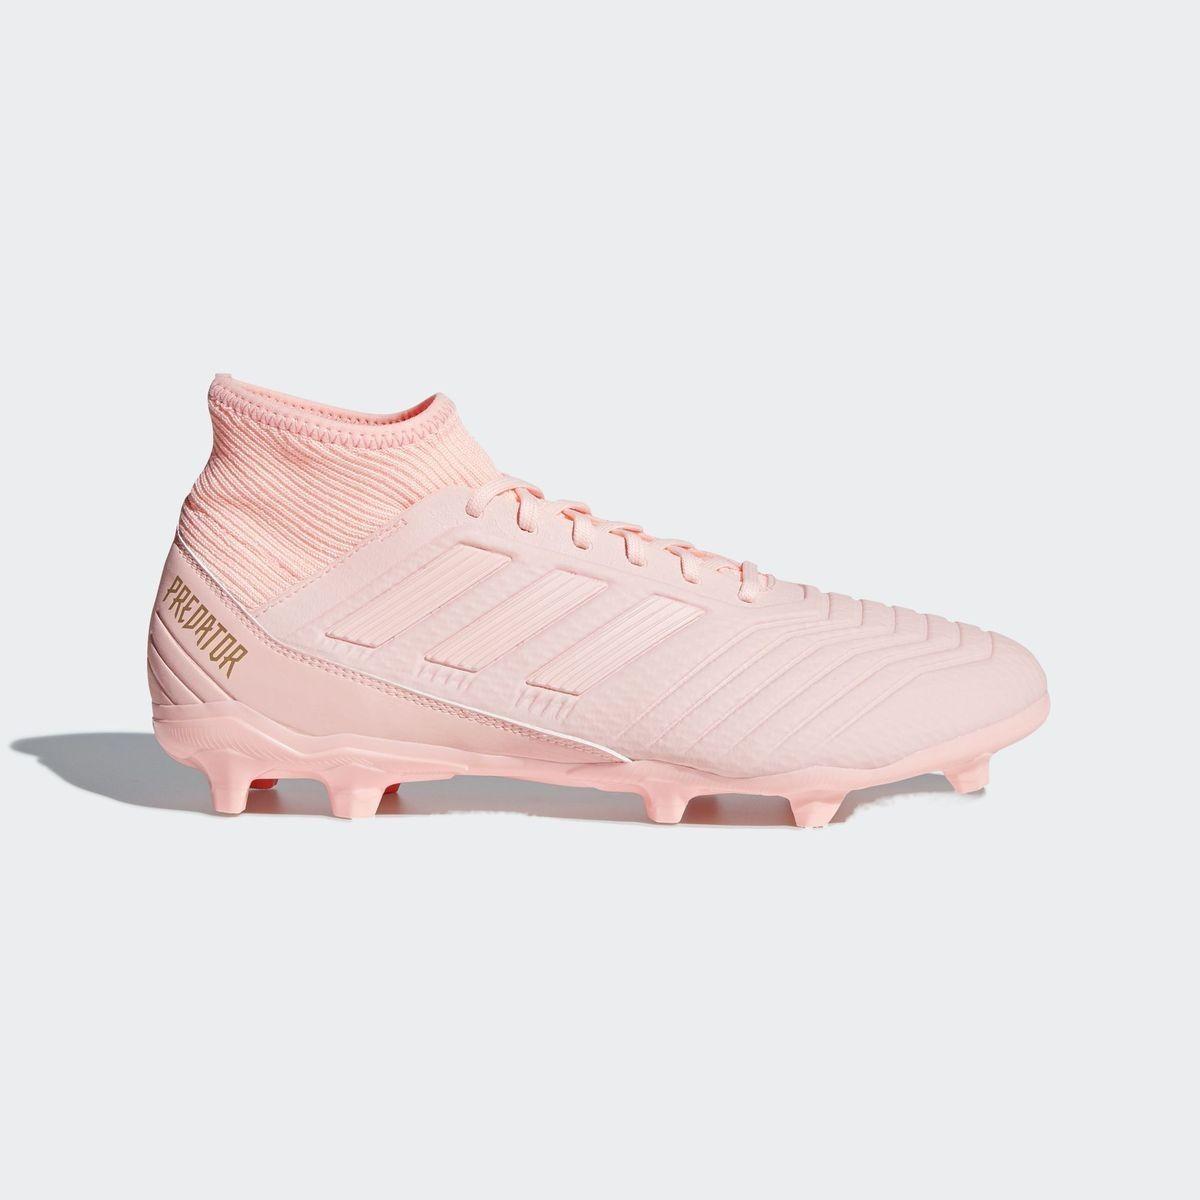 chaussure de foot femme crampon adidas